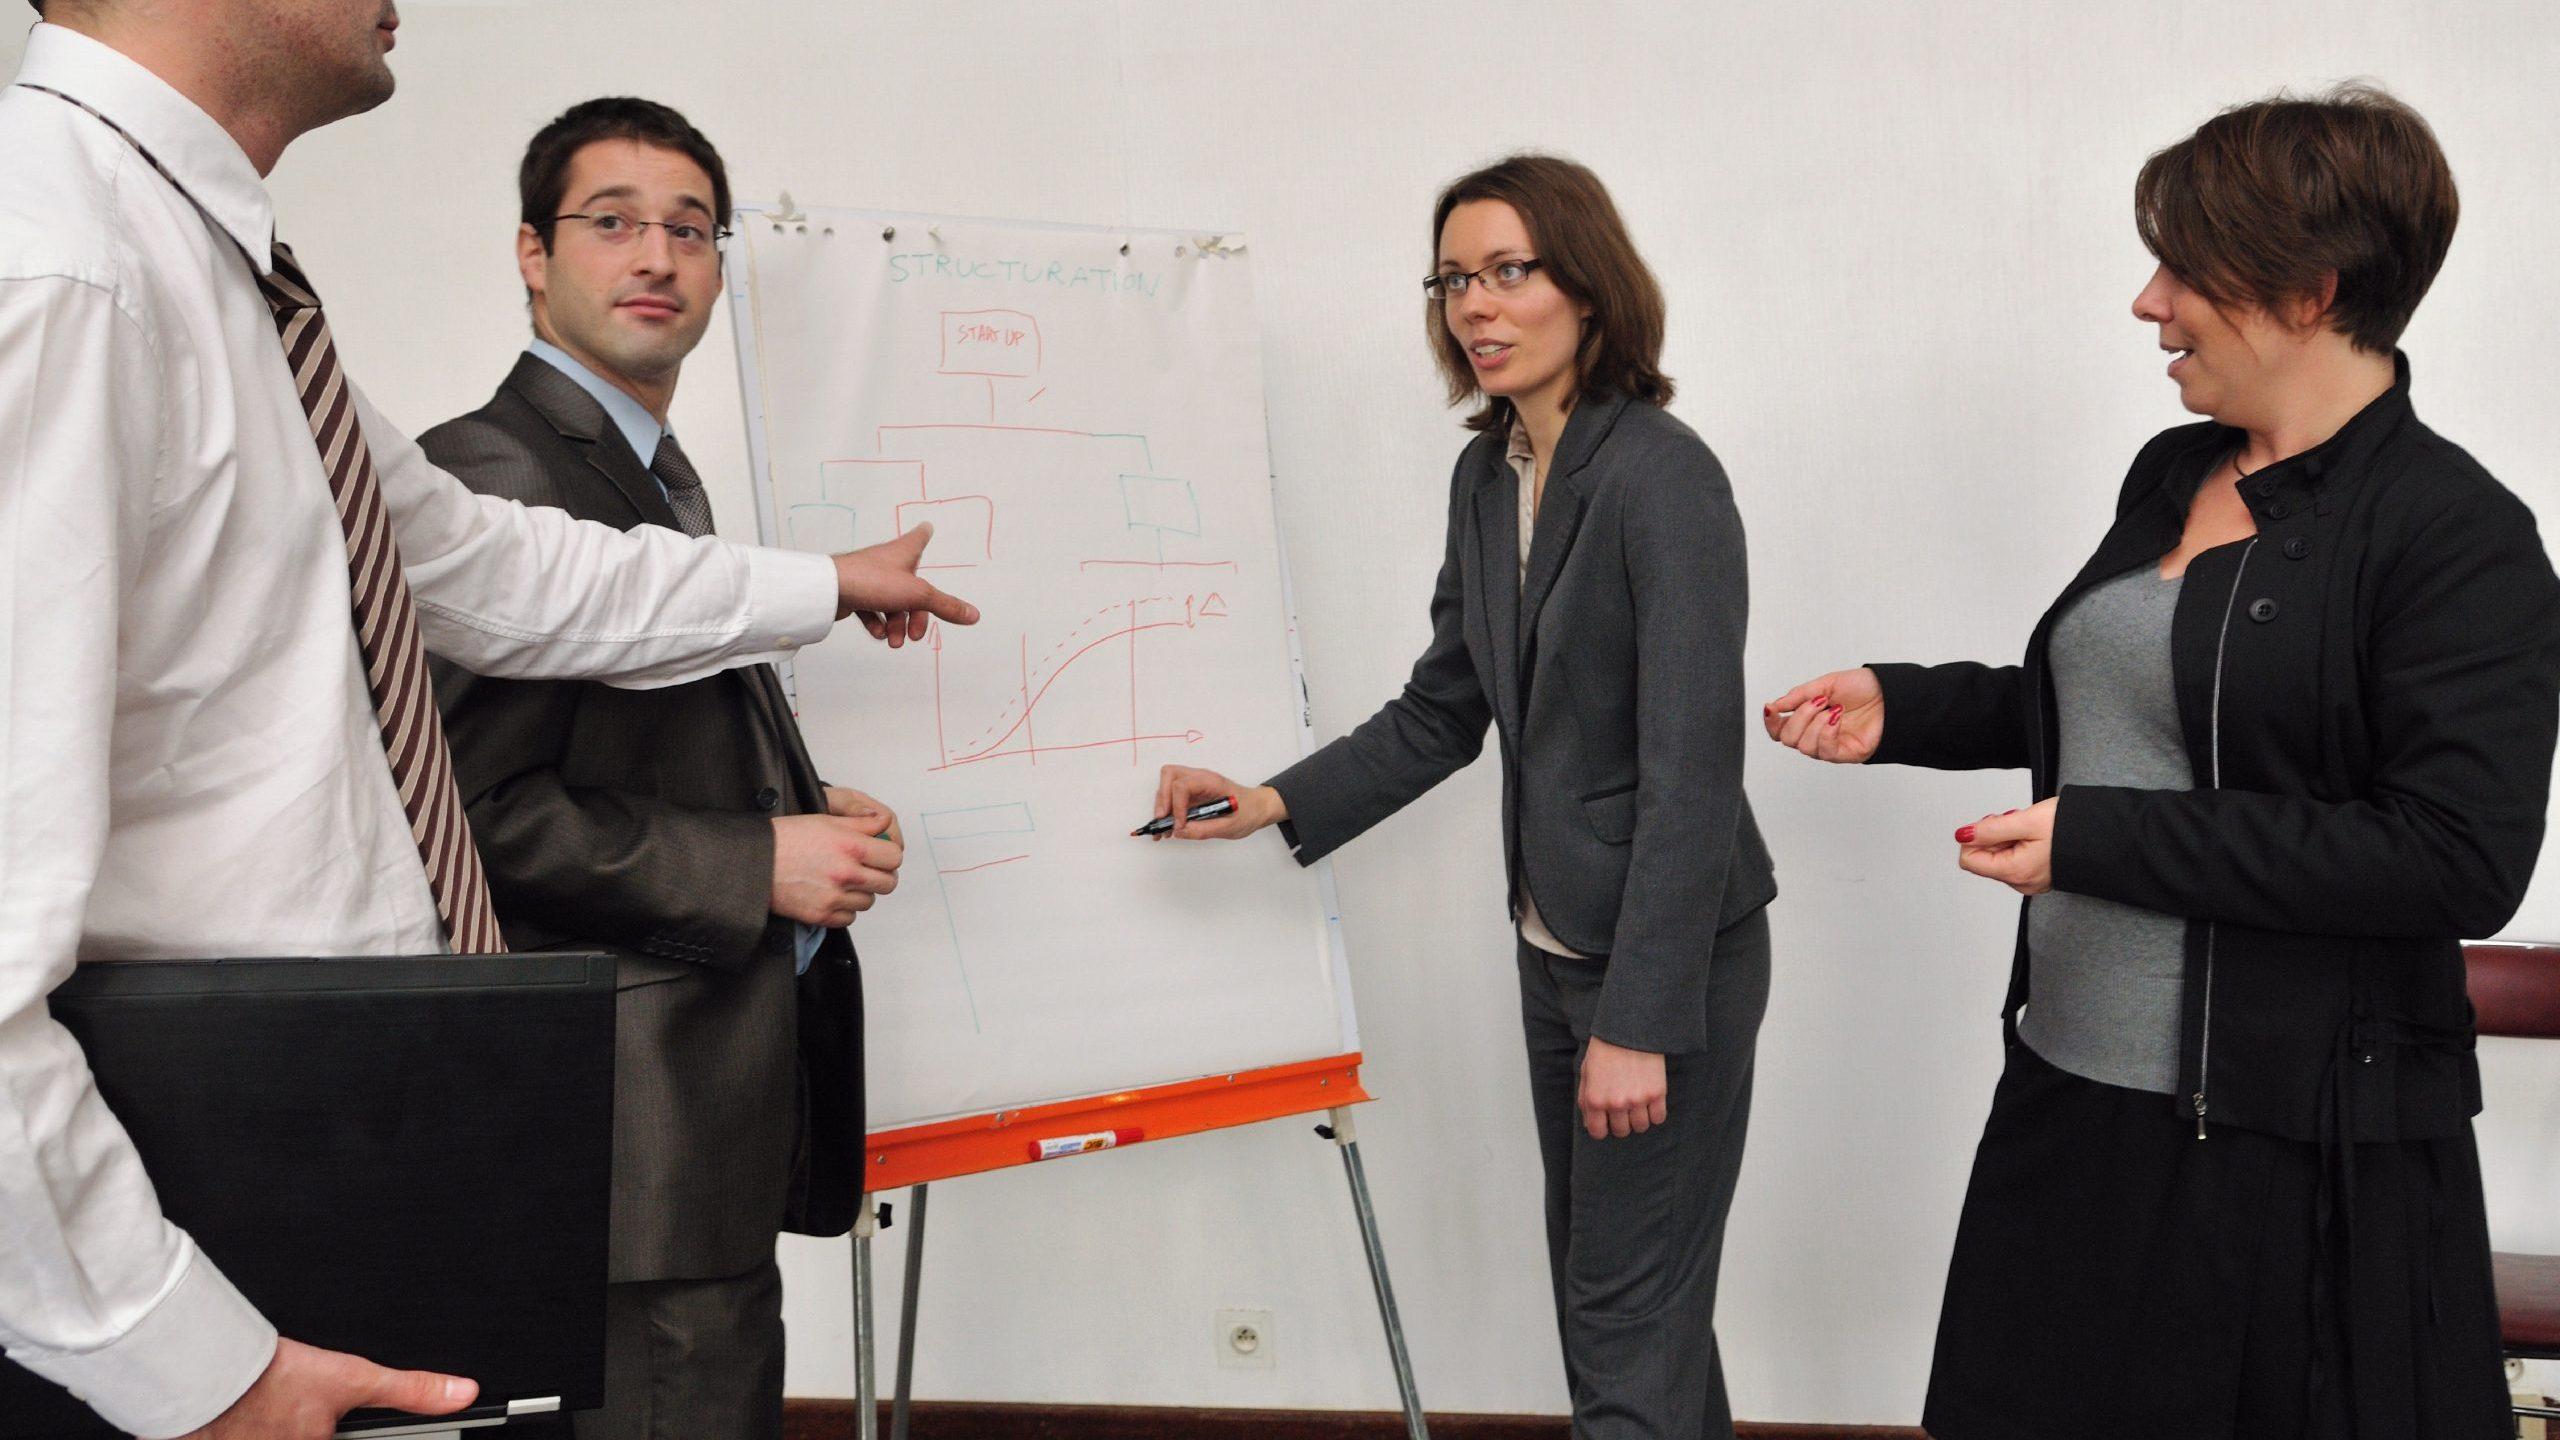 Ingénieurs IM Projet - transfert de compétences